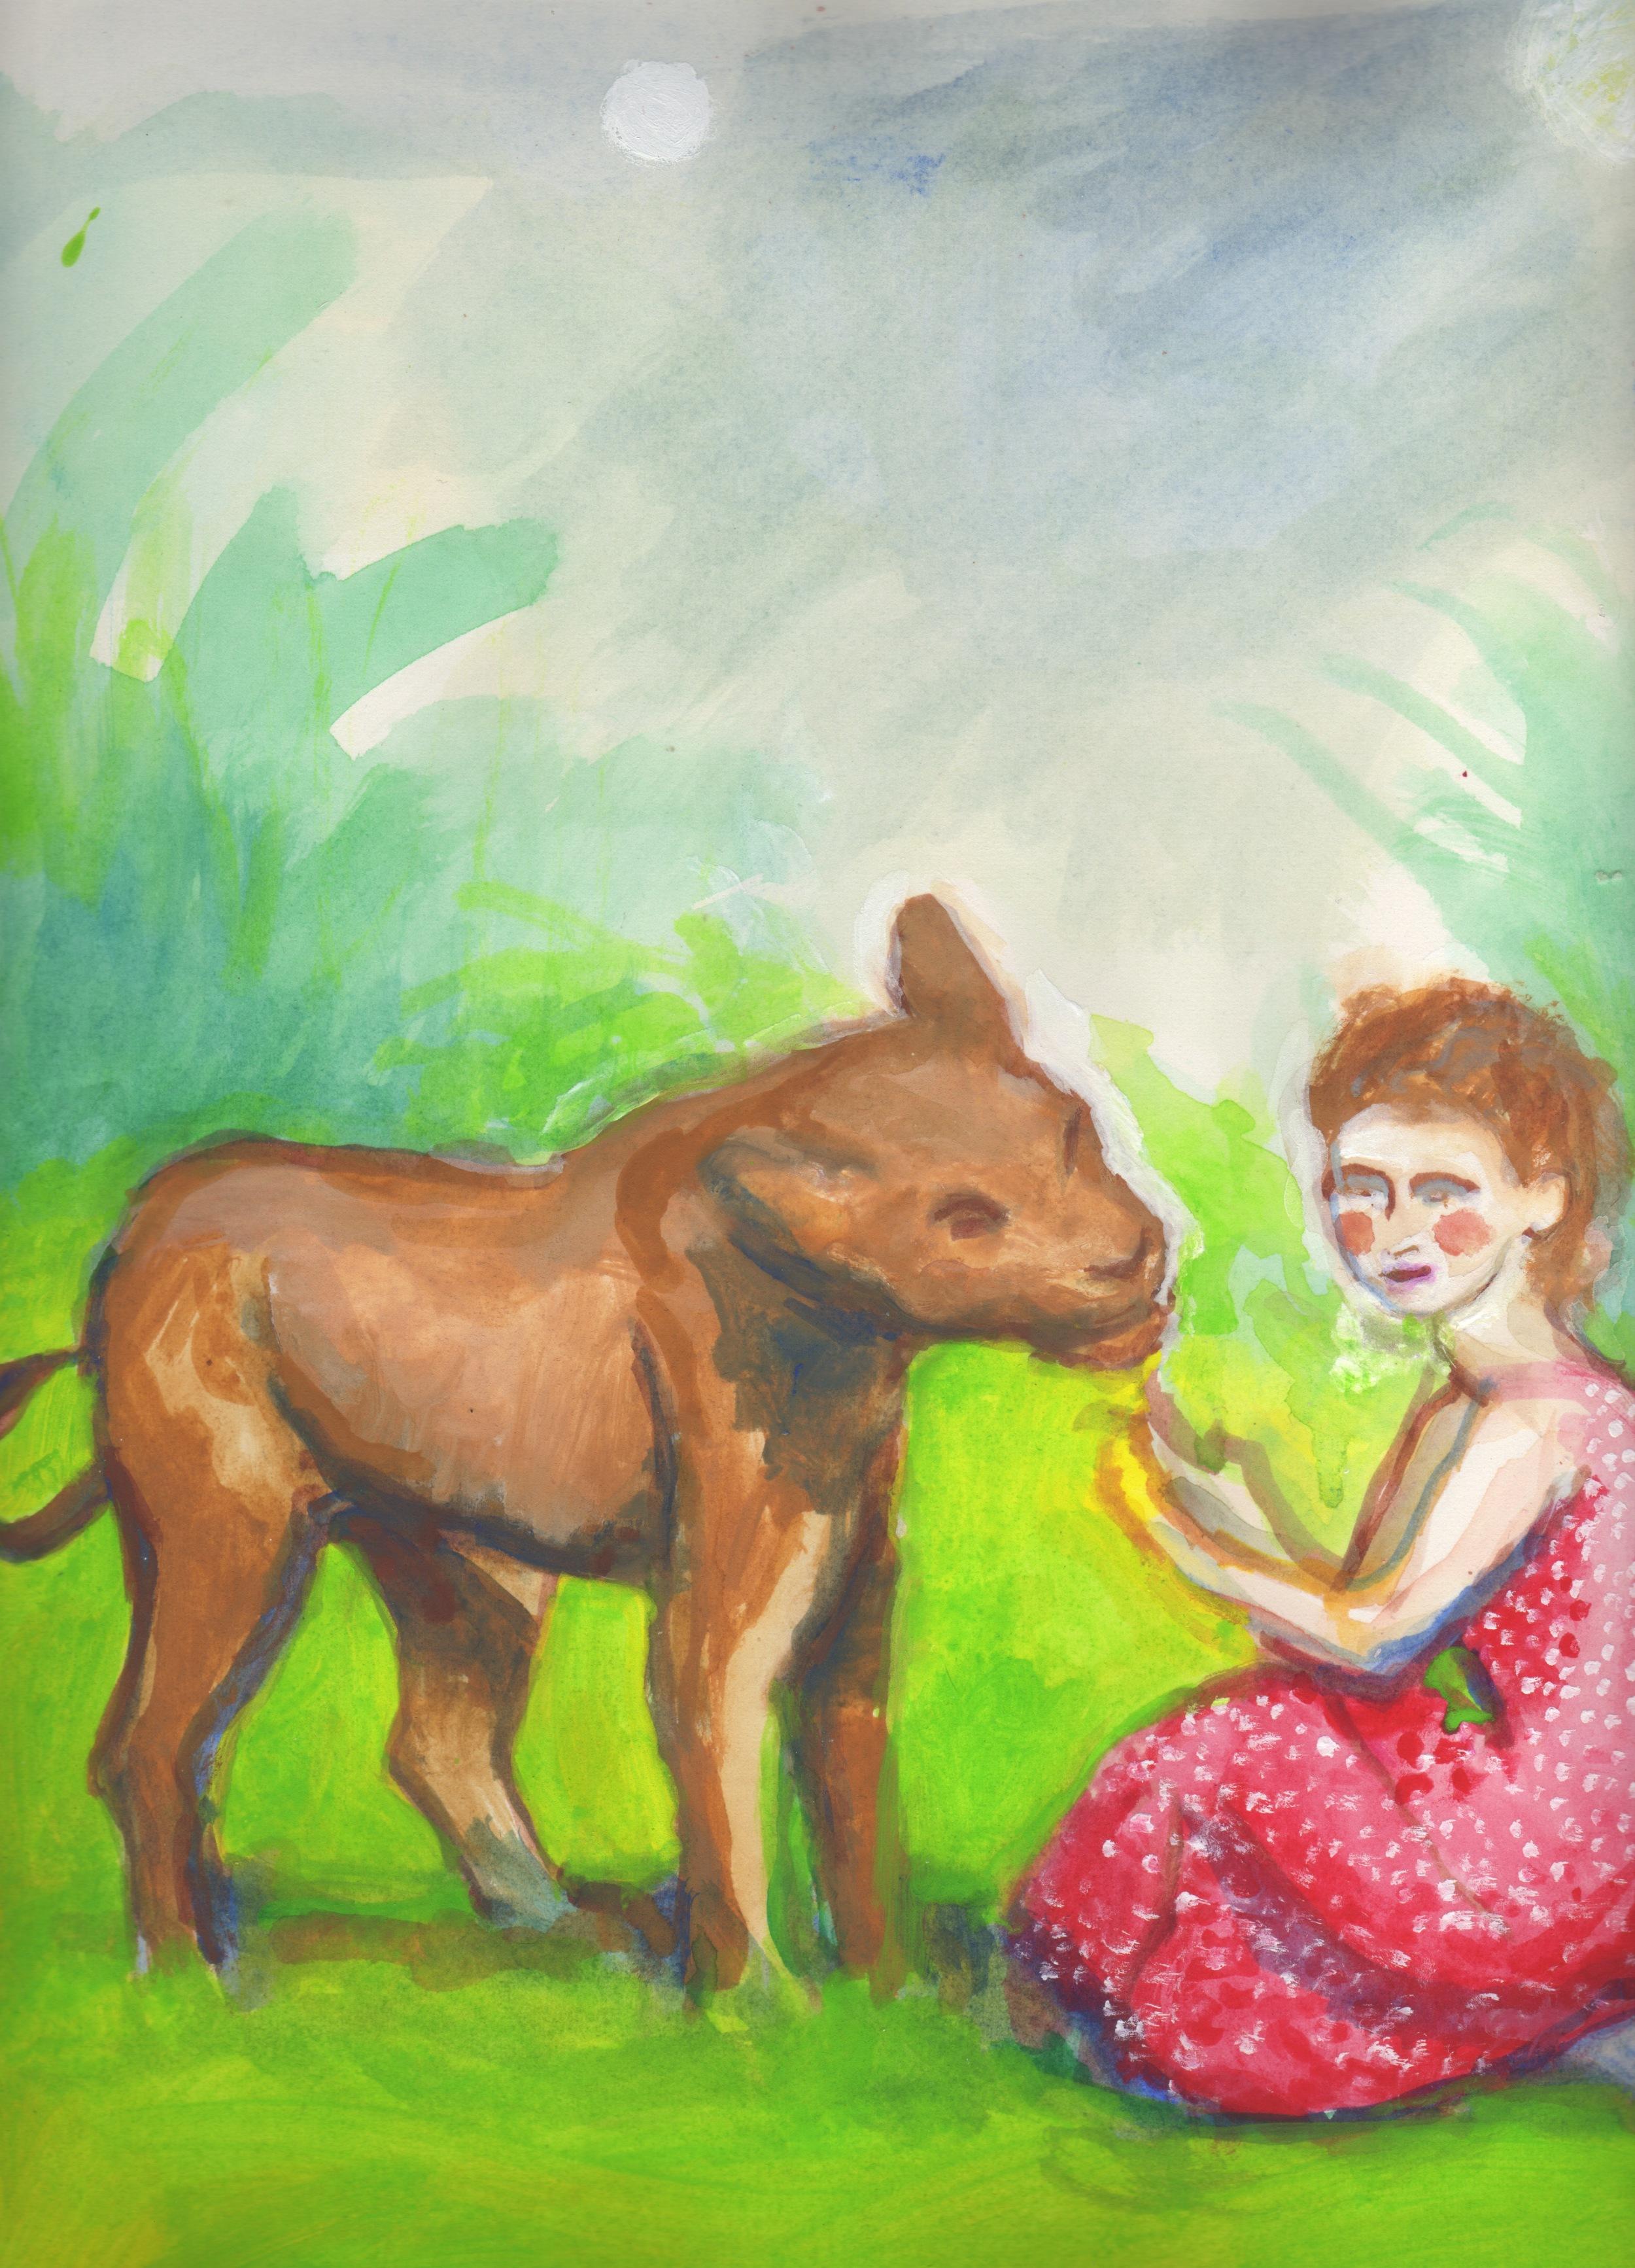 """ELSA AND JOY    gouache on paper, 9 x 12"""", 2012"""